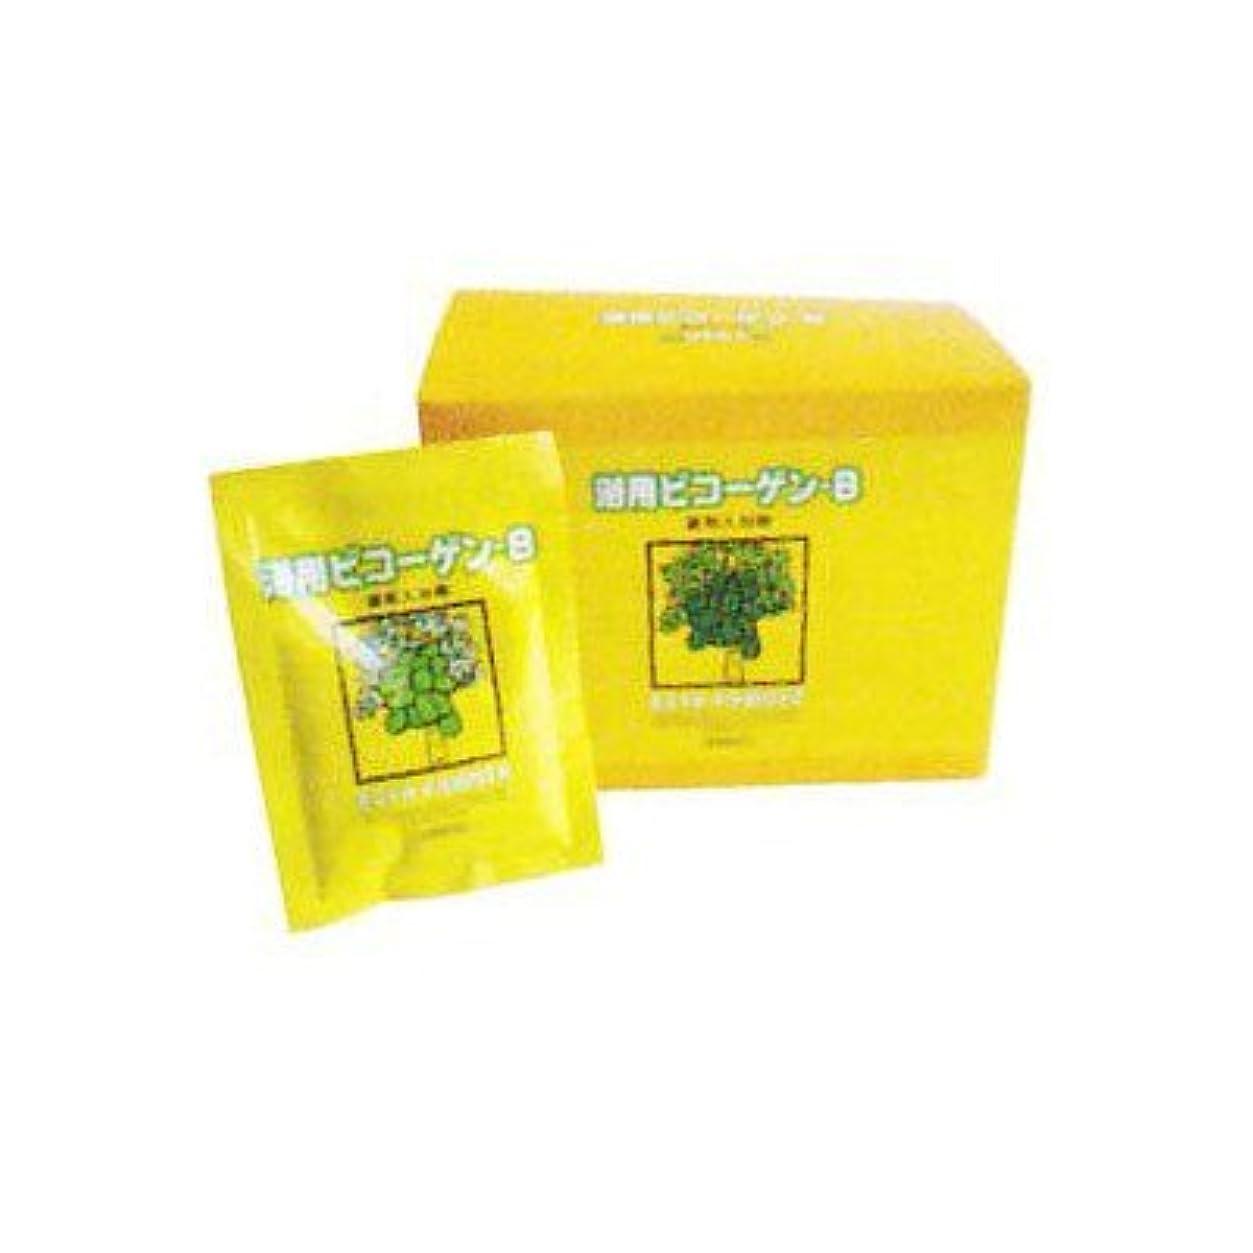 女の子開示する商業の酸素入浴剤 リアル 浴用 ビコーゲン B 分包タイプ a221074